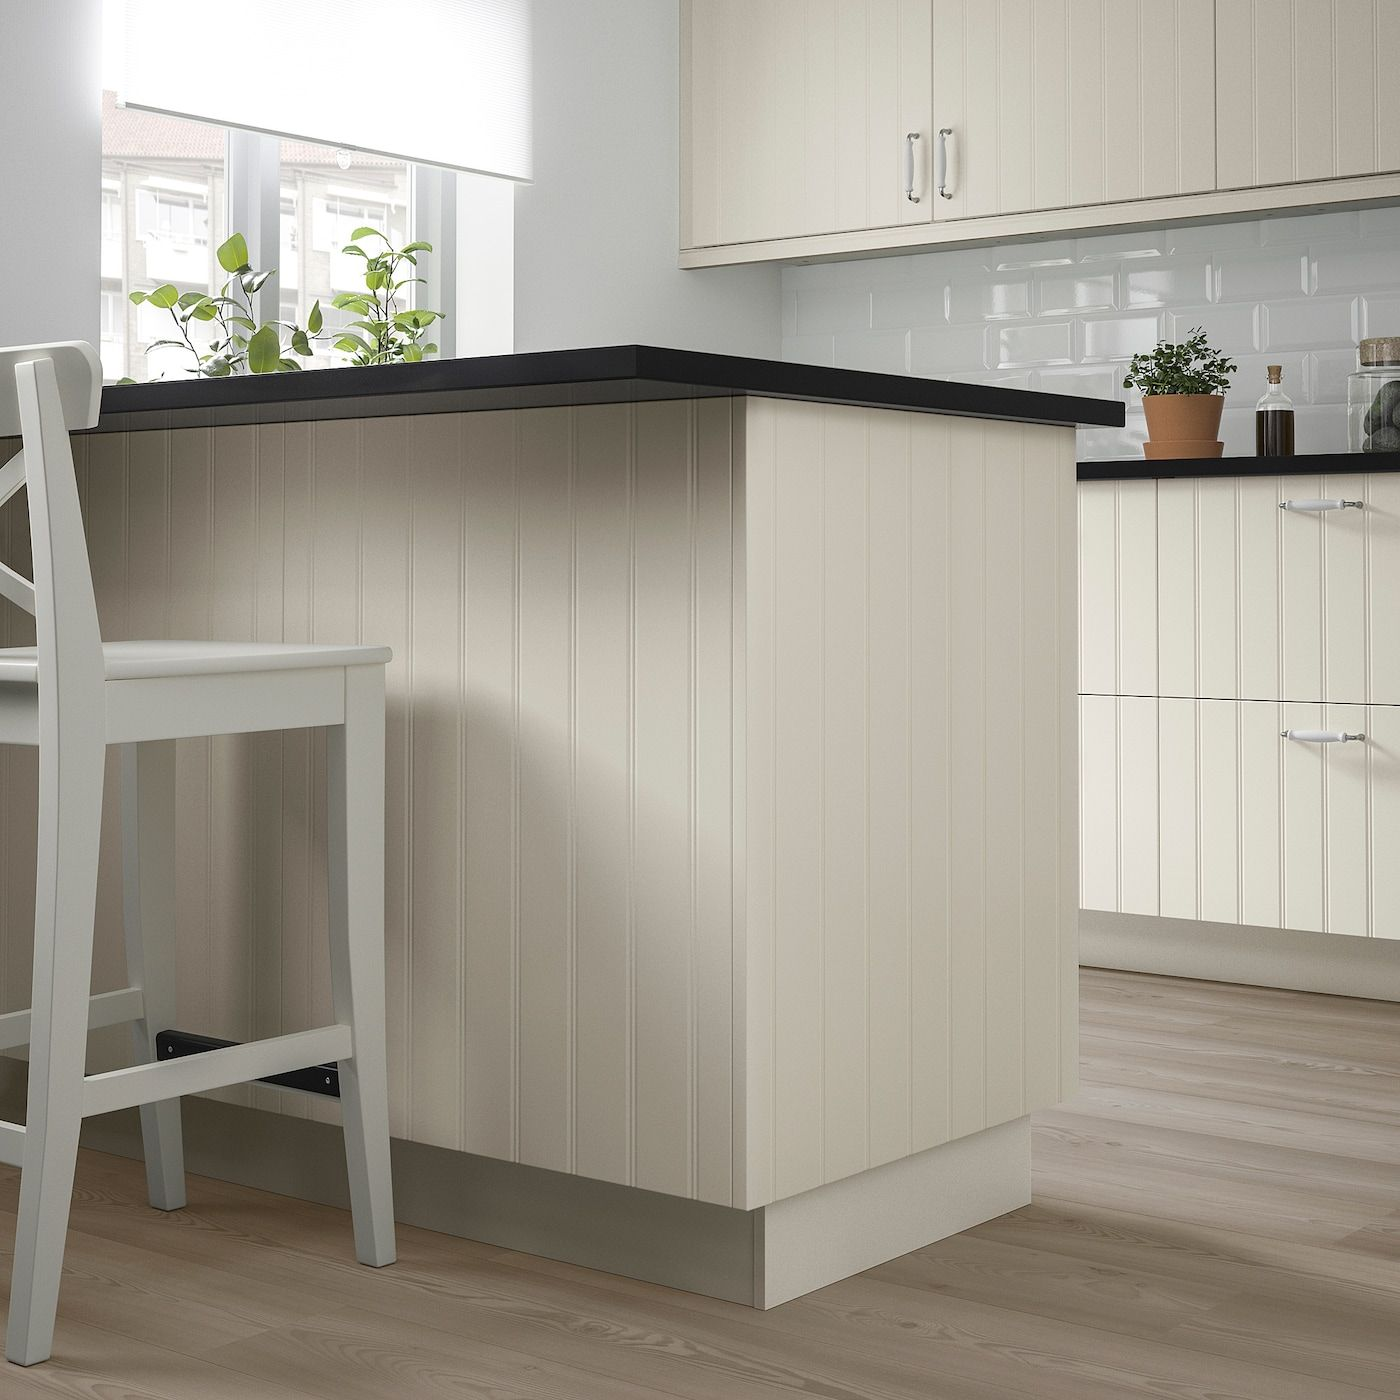 Hittarp Cover Panel Off White 15x90 Ikea In 2020 Diy Kitchen Cart Ikea Kitchen Style